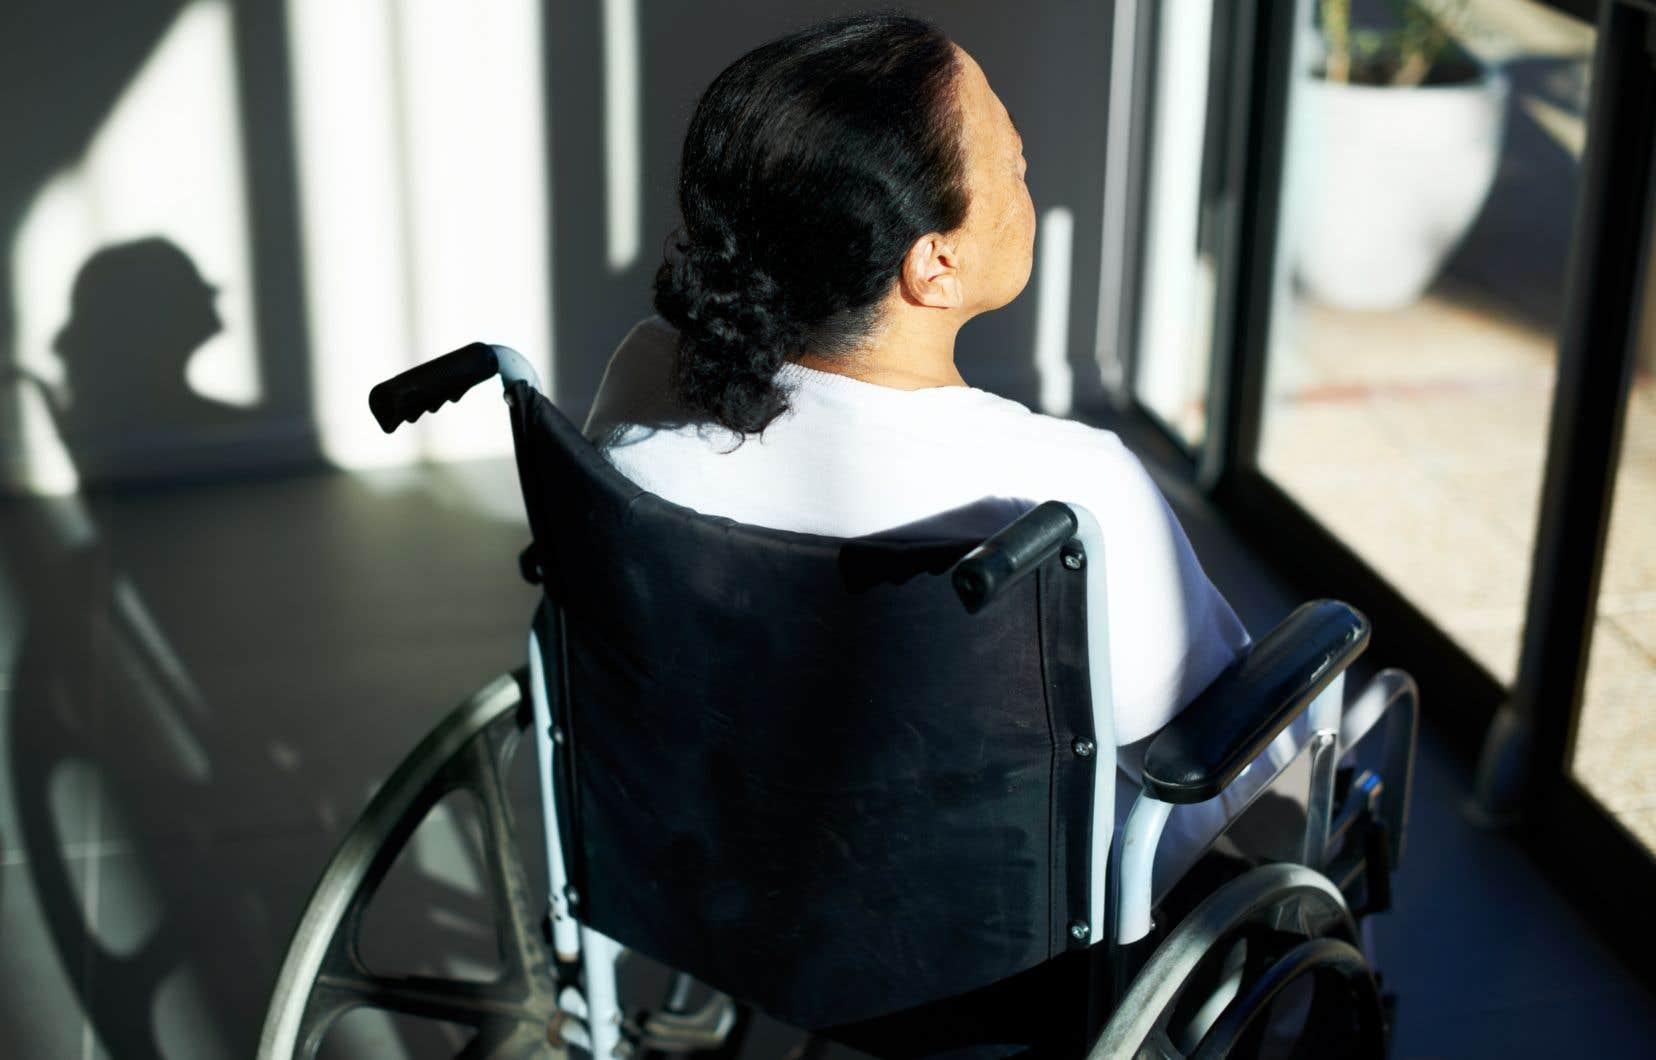 «Dans le futur, il sera dangereux pour les personnes lourdement handicapées de vivre des périodes sombres et de découragement, comme cela arrive à tout le monde, parce qu'elles pourraient alors être portées à demander l'AMM», souligne l'auteur.